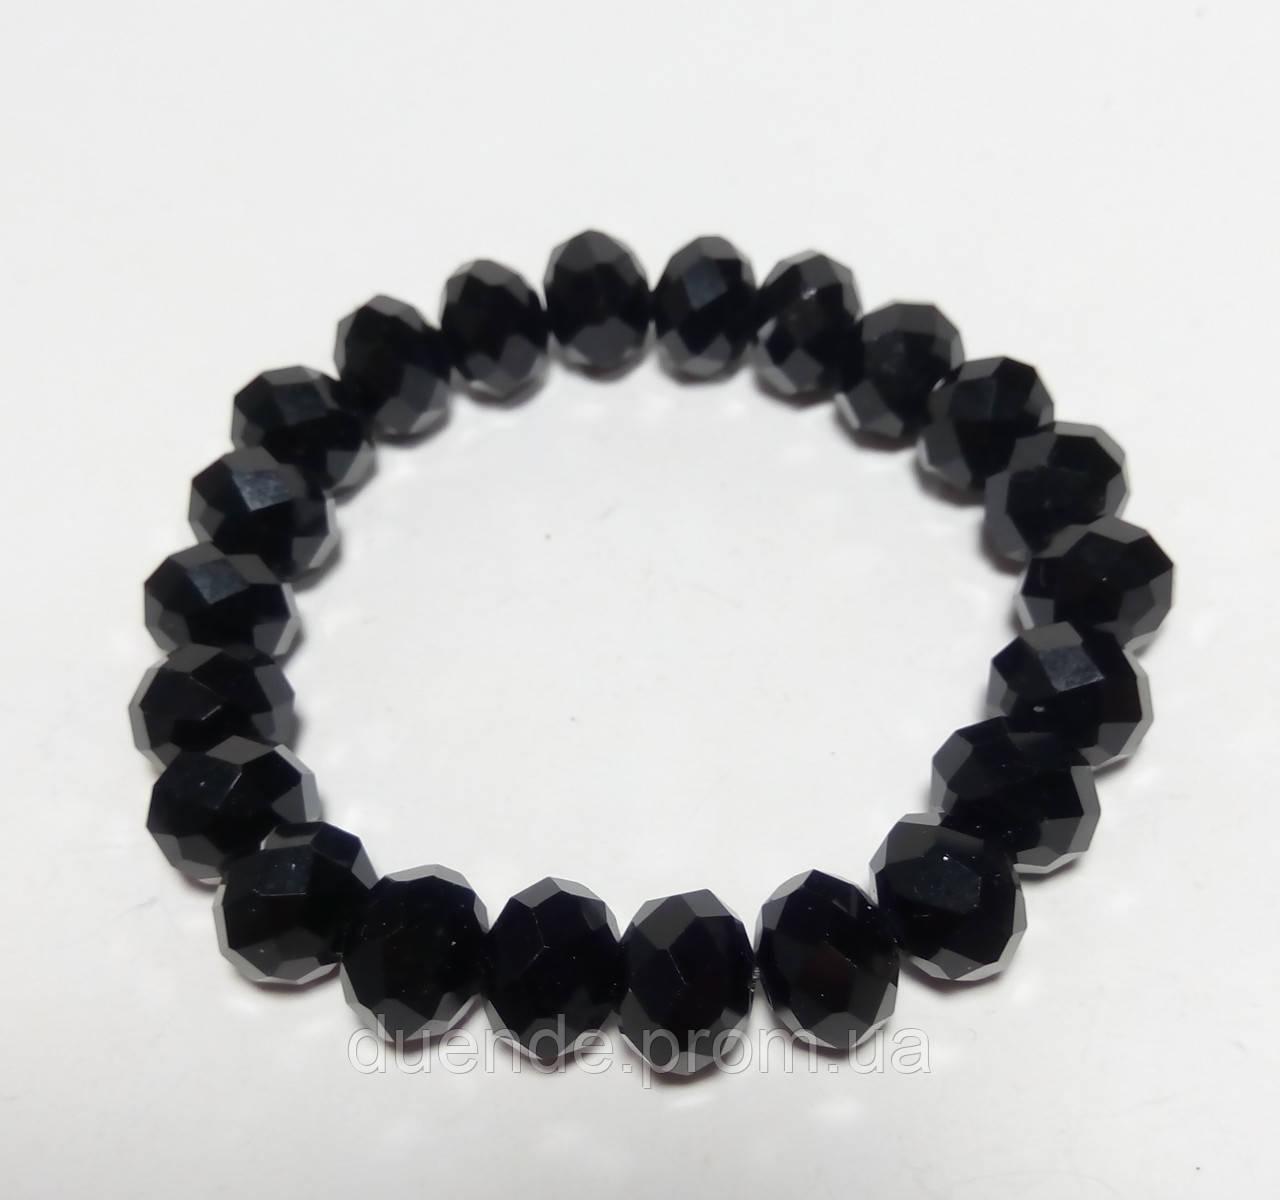 Браслет стильный Чешский Хрусталь, цвет черный, тм Satori \ Sb - 0046